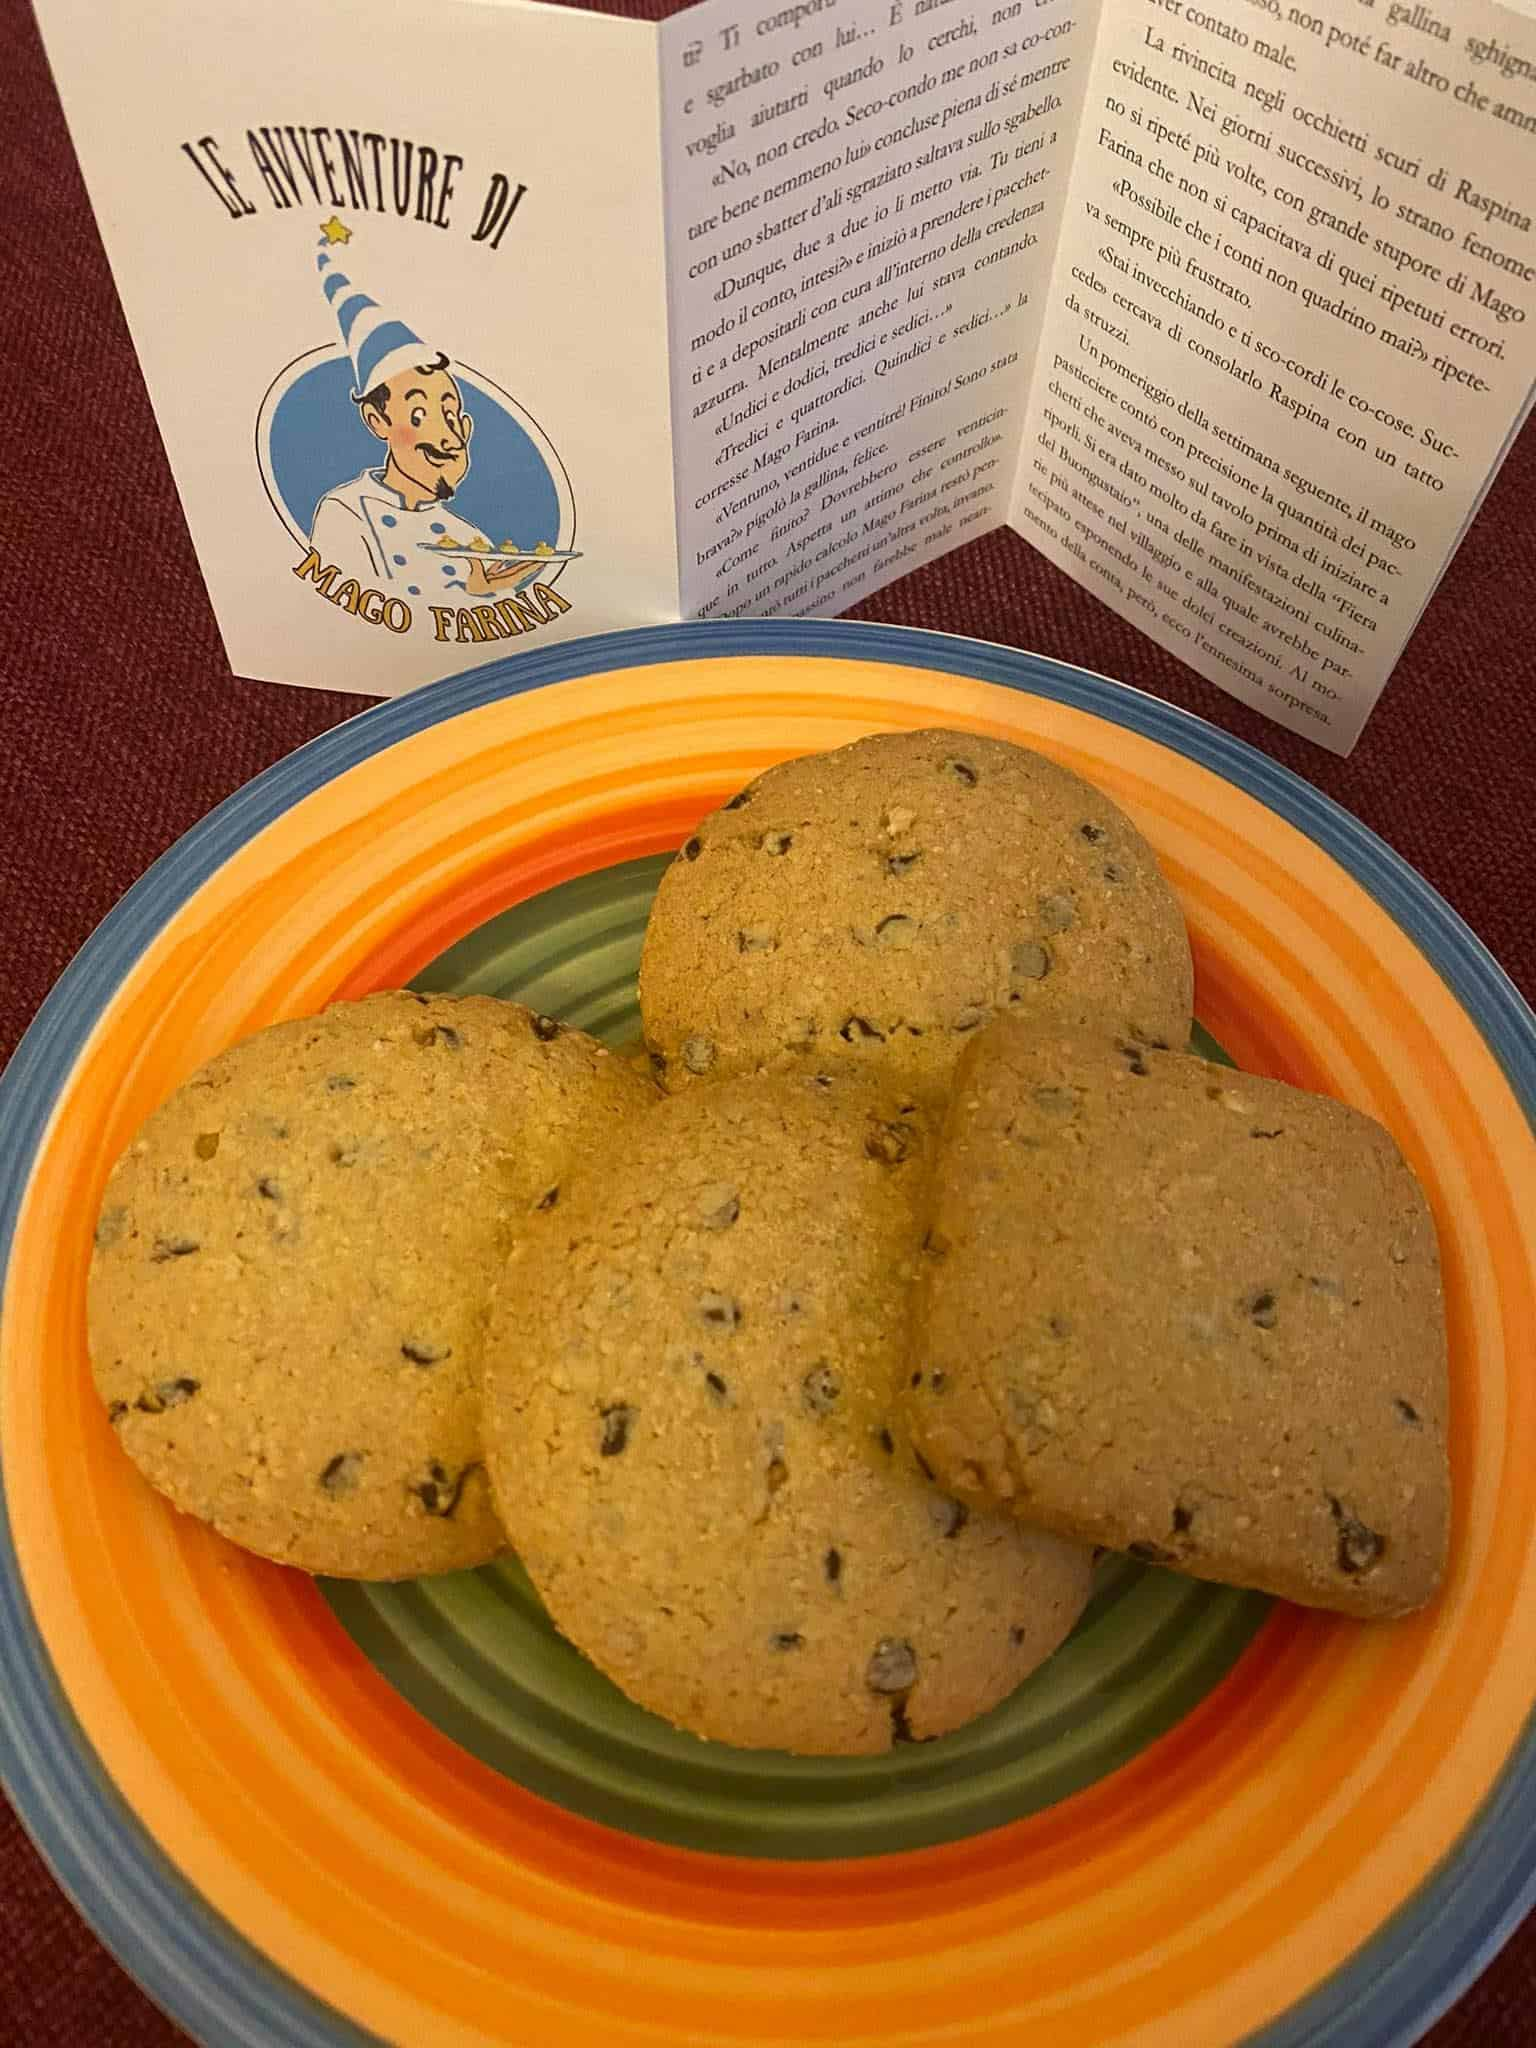 Il mago farina tra biscotti artigianali dal sapore magico e racconti